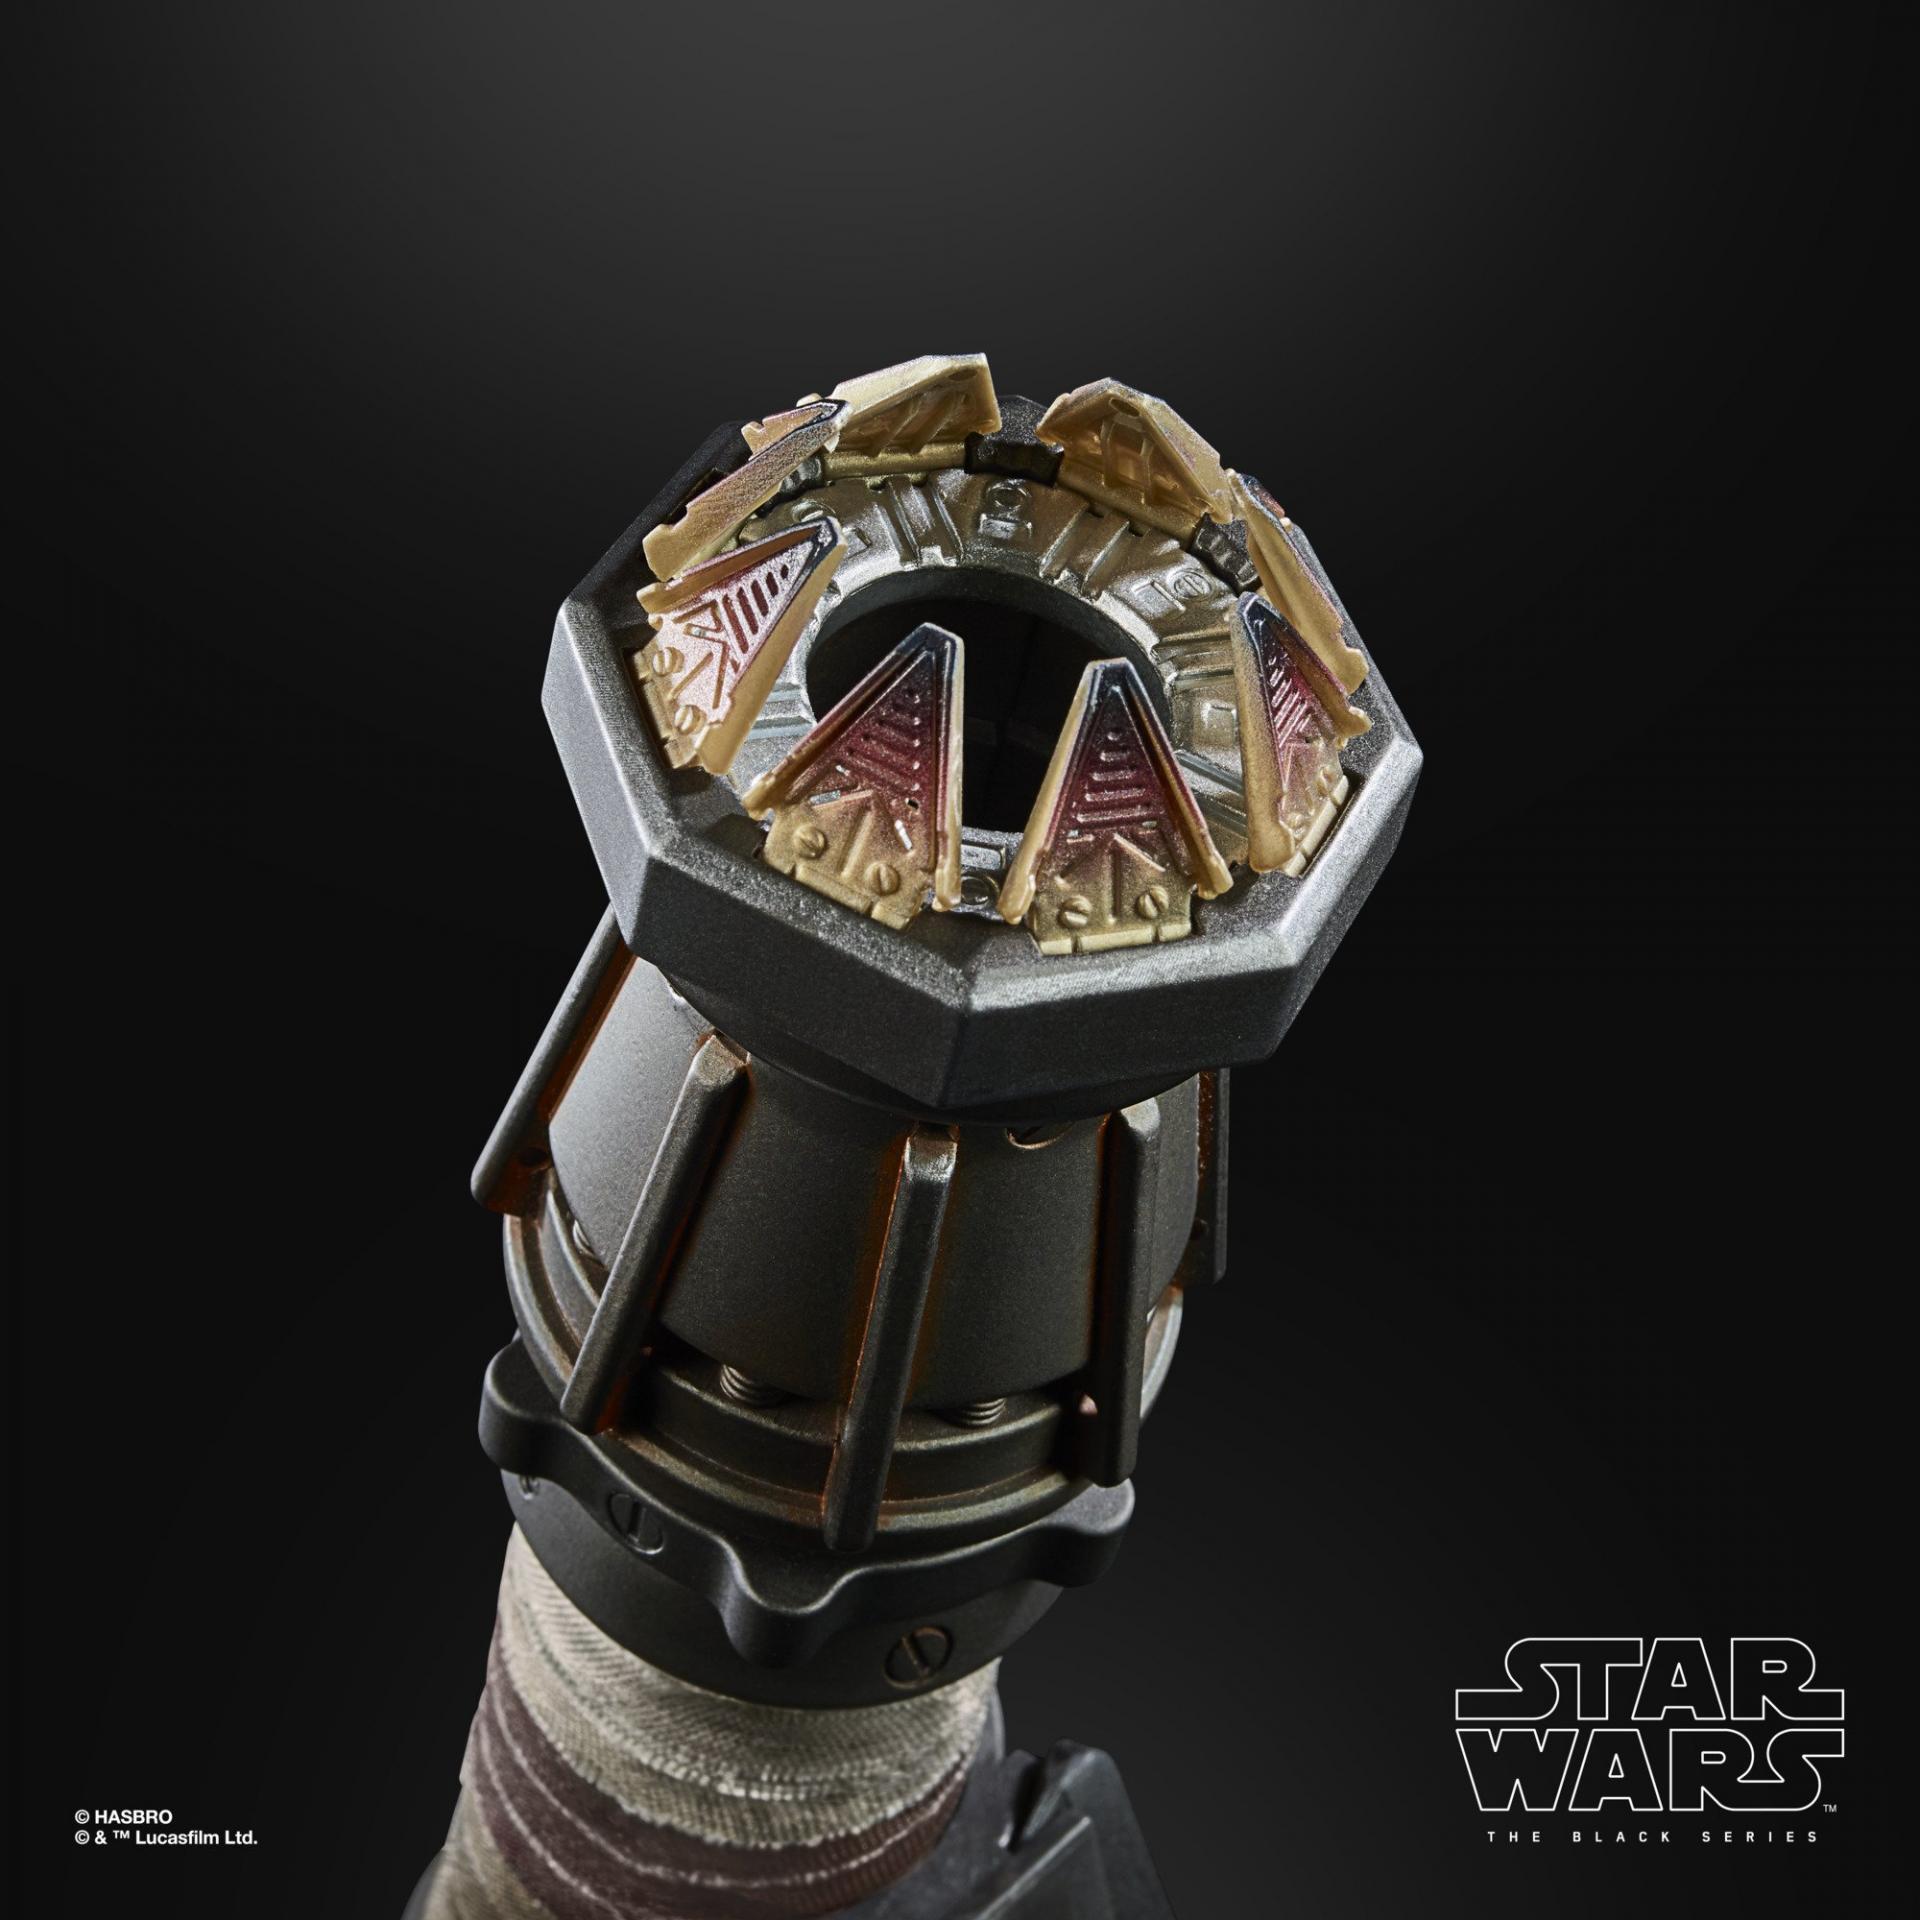 Star wars the black series rey skywalker force fx elite lightsaber10